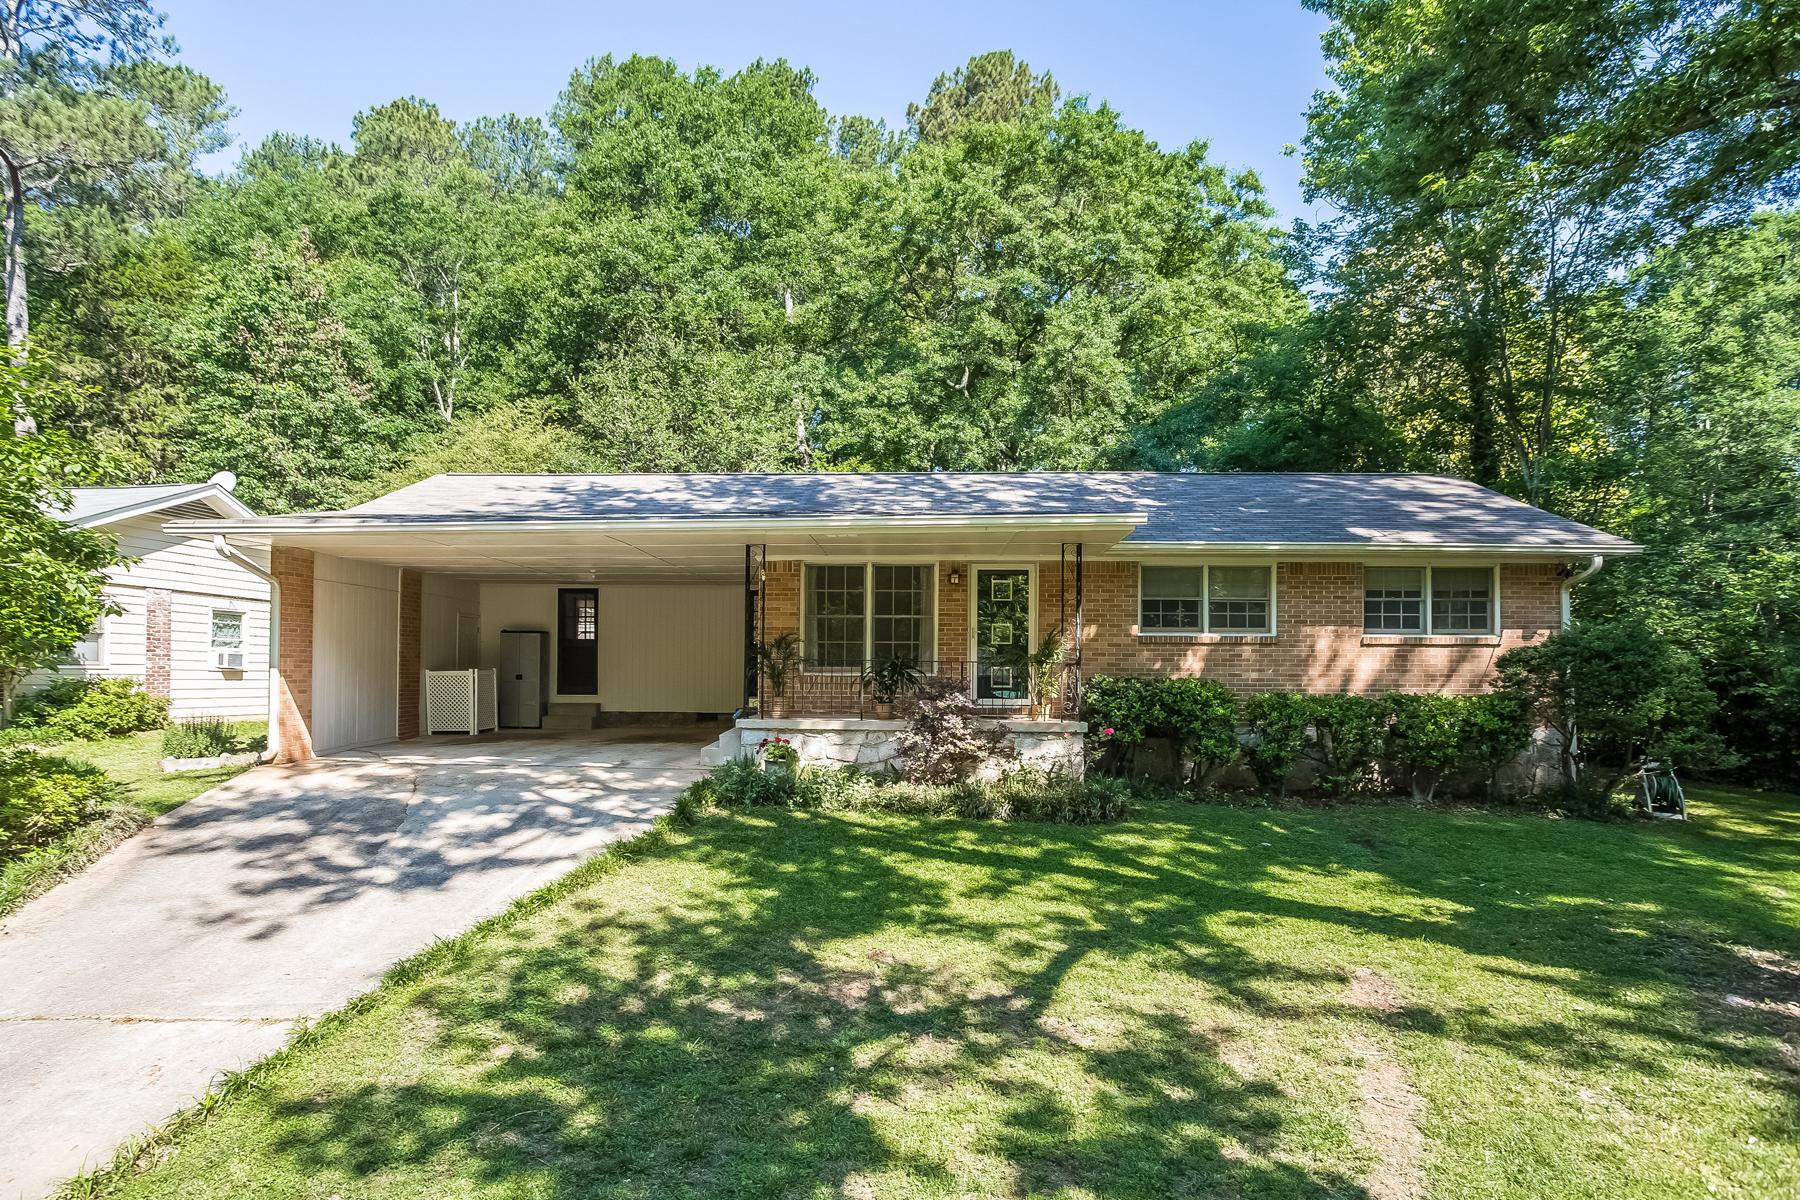 Maison unifamiliale pour l Vente à Charming, Well Maintained Mid-Century Ranch 2904 Concord Drive Decatur, Georgia, 30033 États-Unis